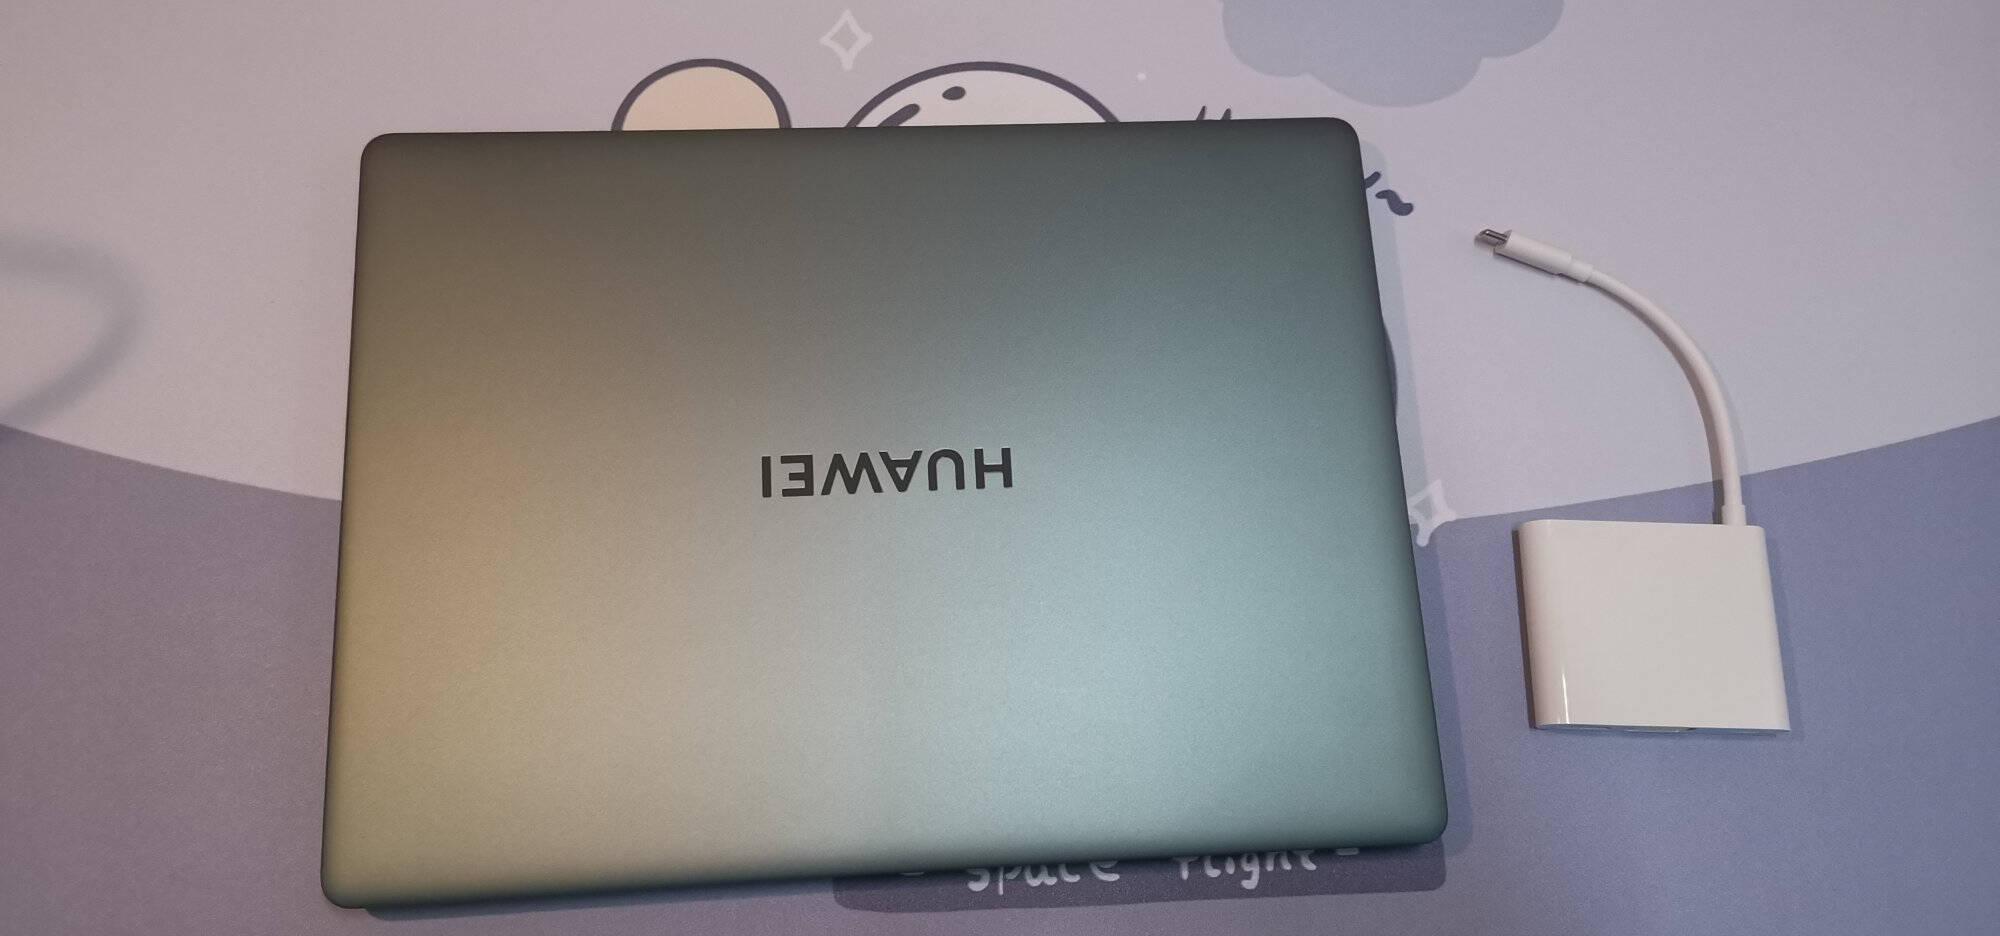 华为笔记本电脑MateBook13s202111代酷睿i5-11300H16G512G锐炬显卡/13.4英寸全面触控屏/轻薄办公本银